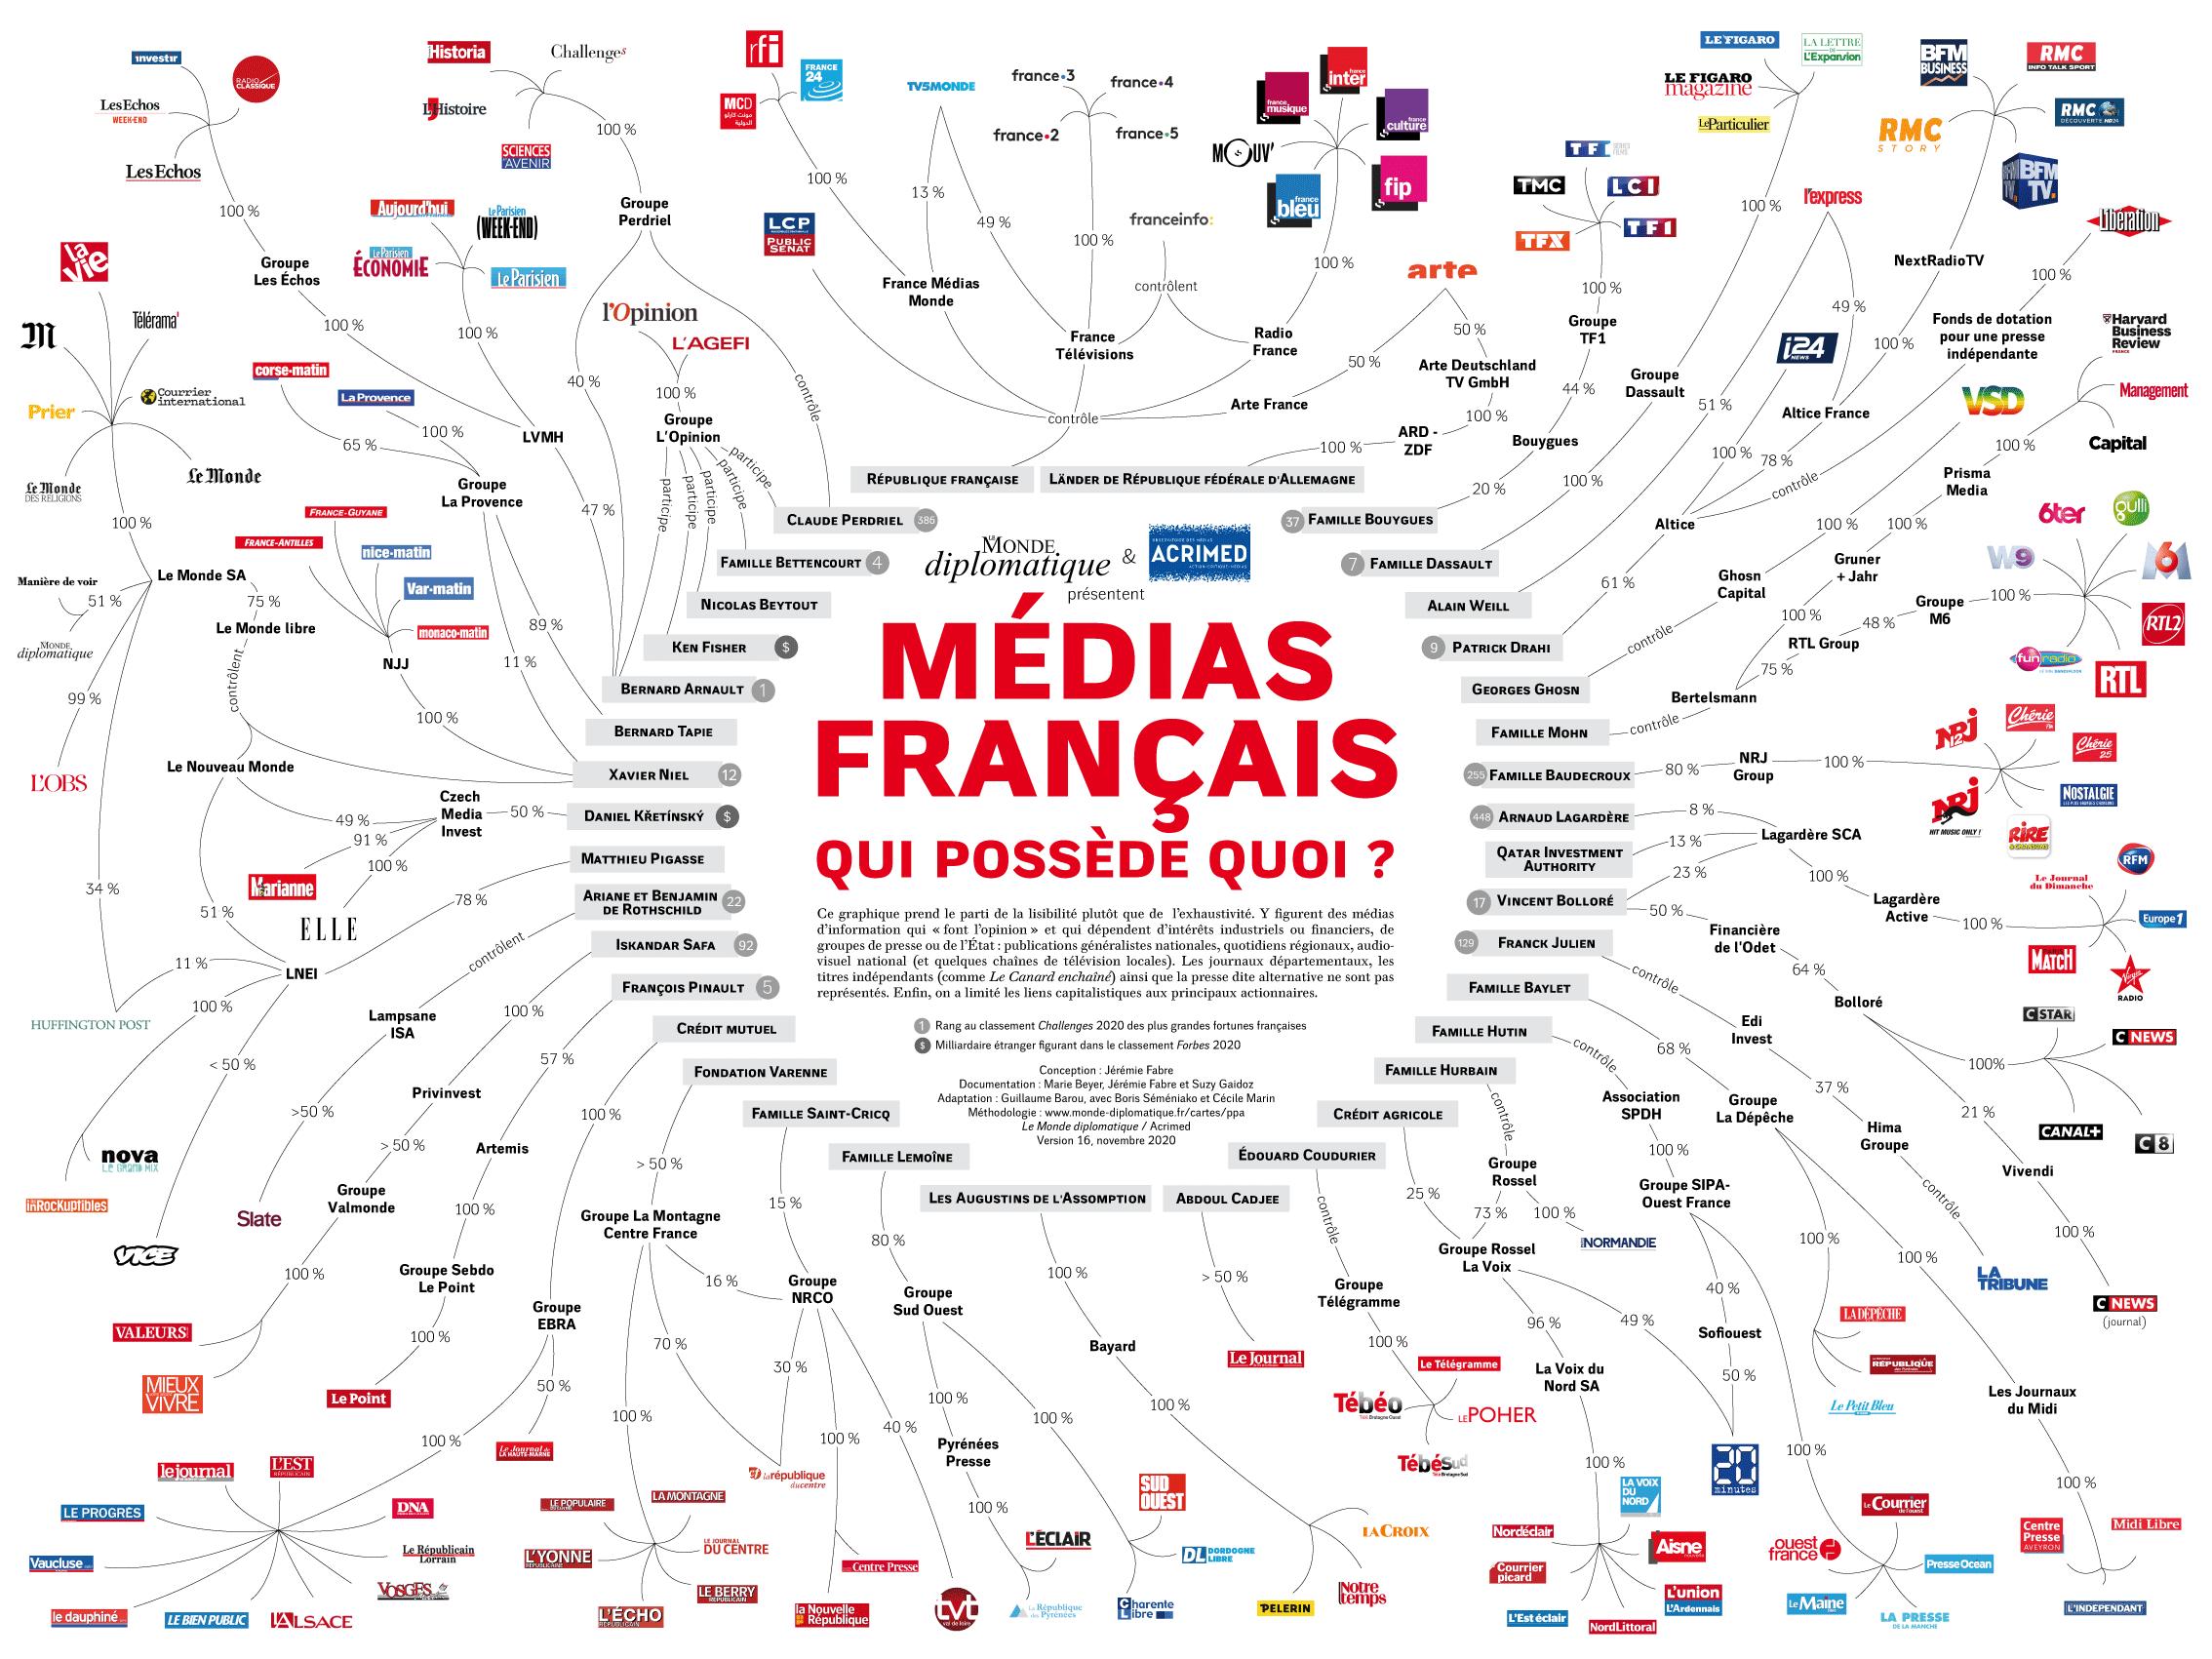 Media français